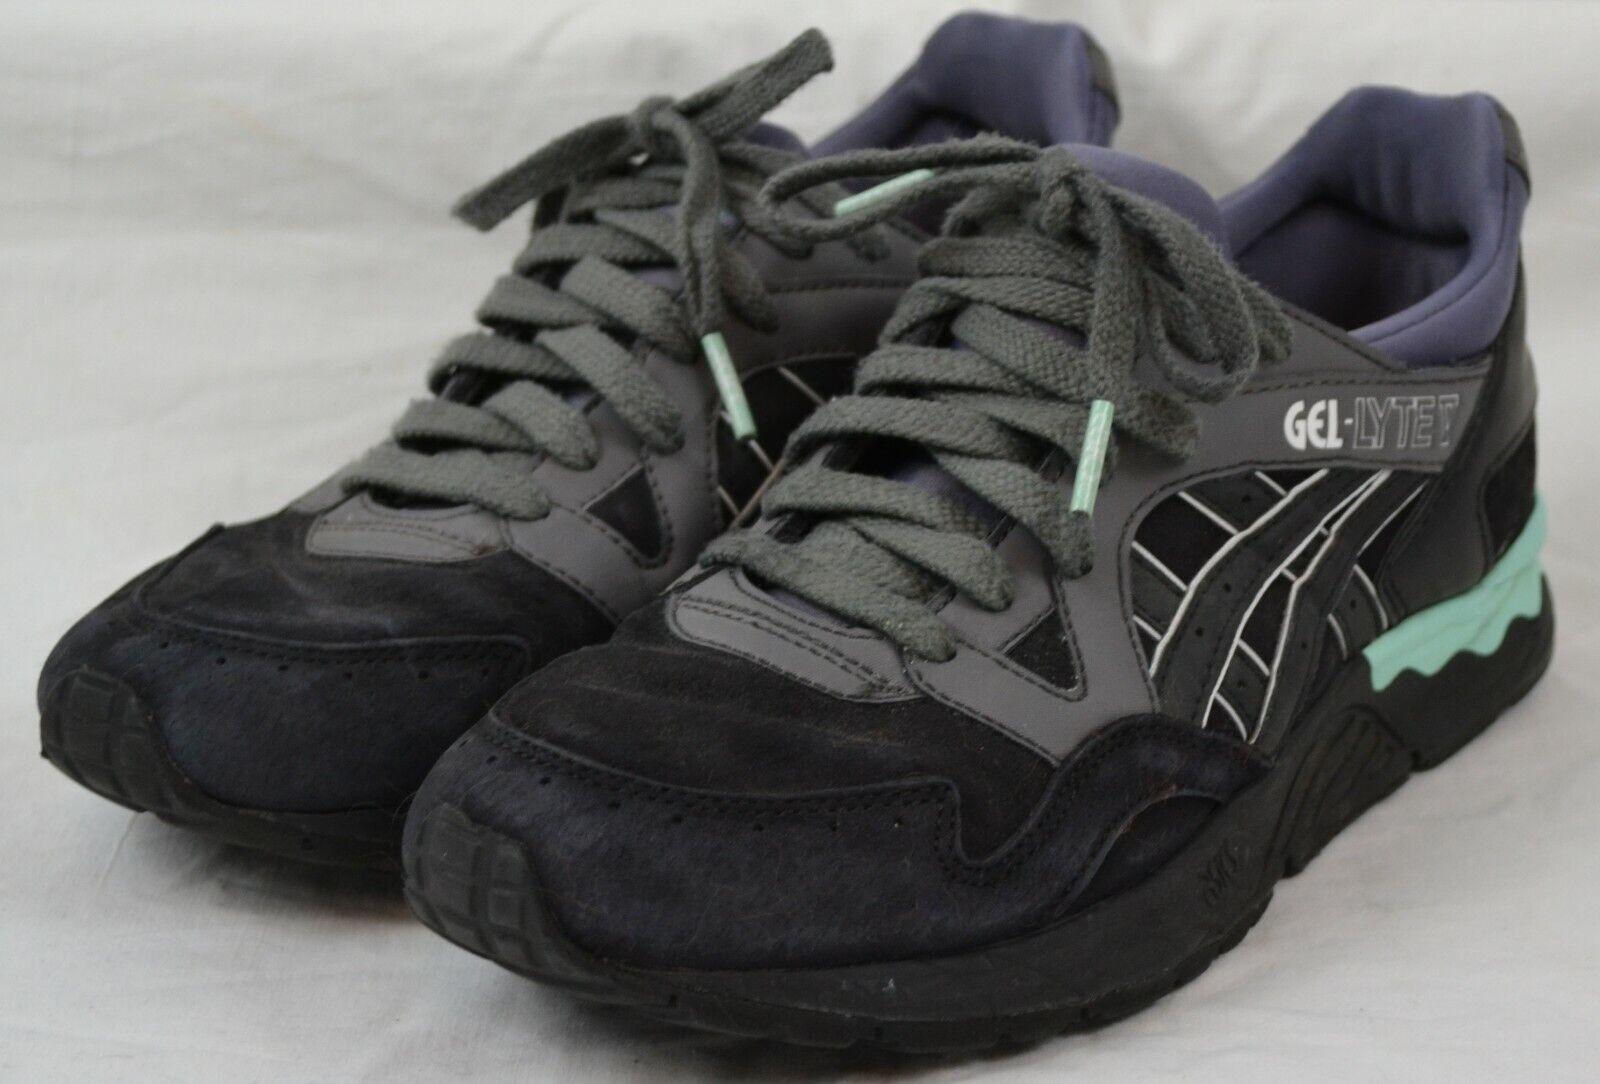 Asics Gel Lyte V Lux Sneaker EU 39 schwarz mint hellgrün dunkelgrau h6d4l 9090